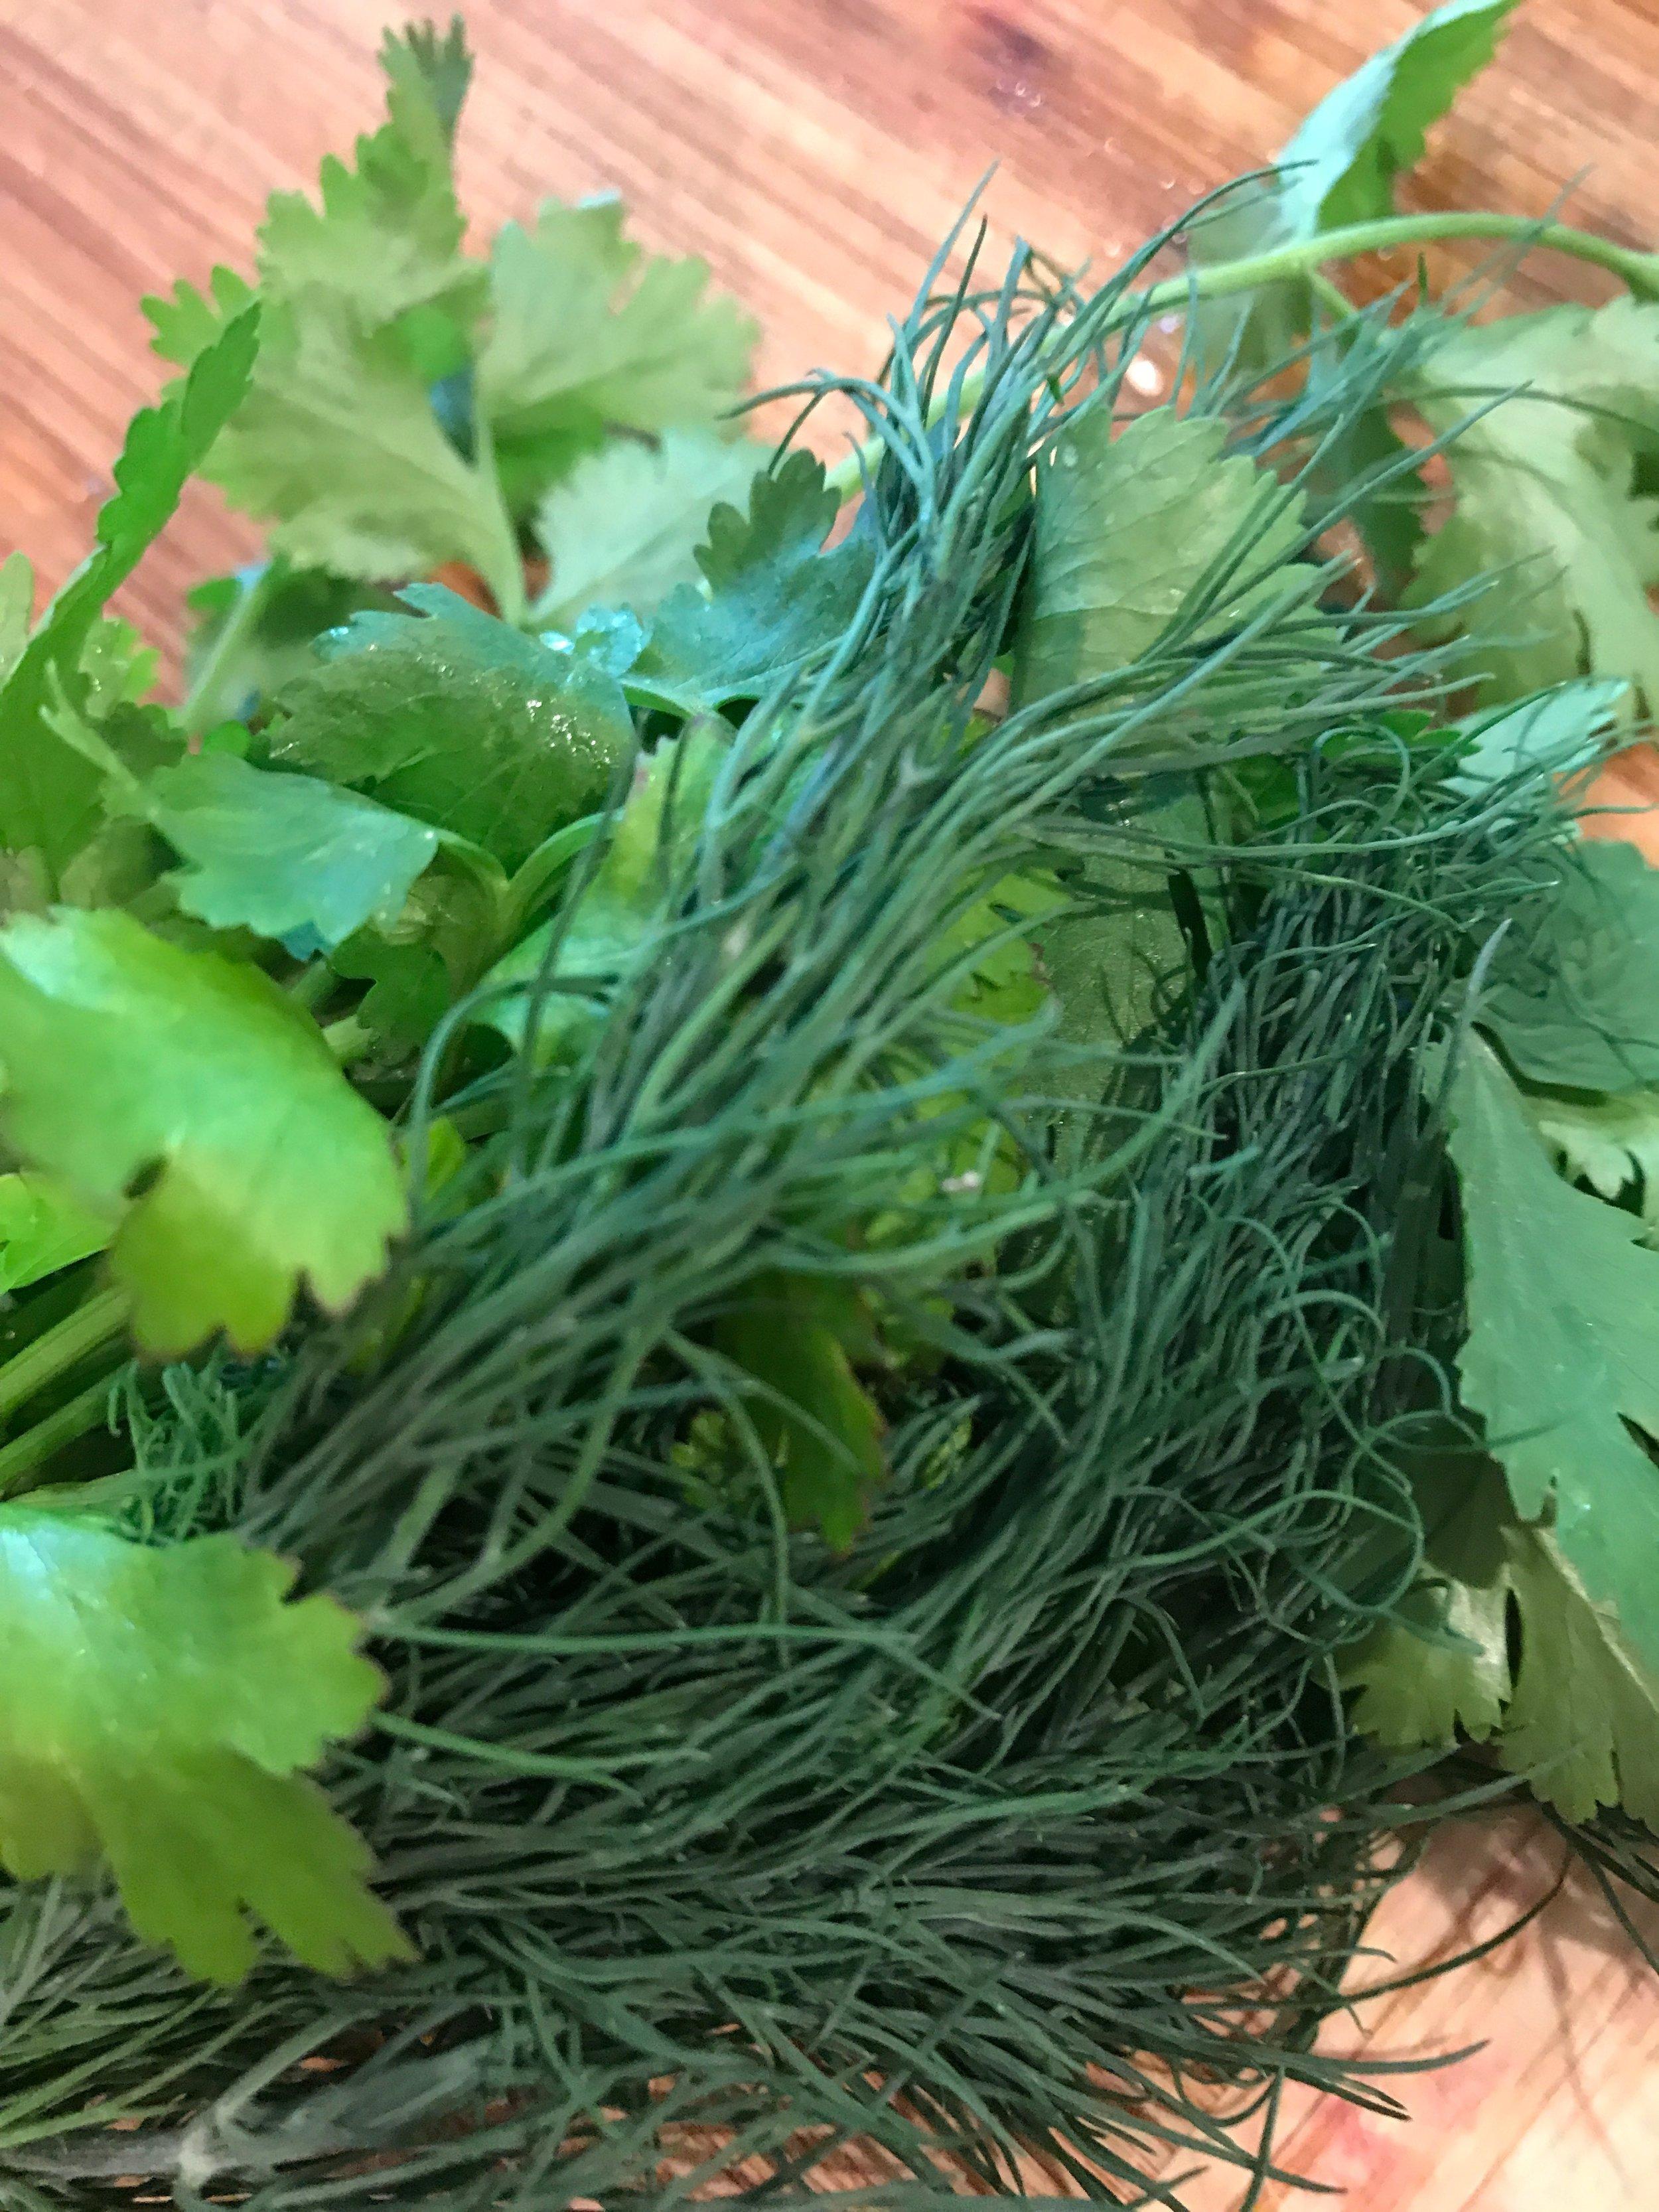 Mint, cilantro & dill